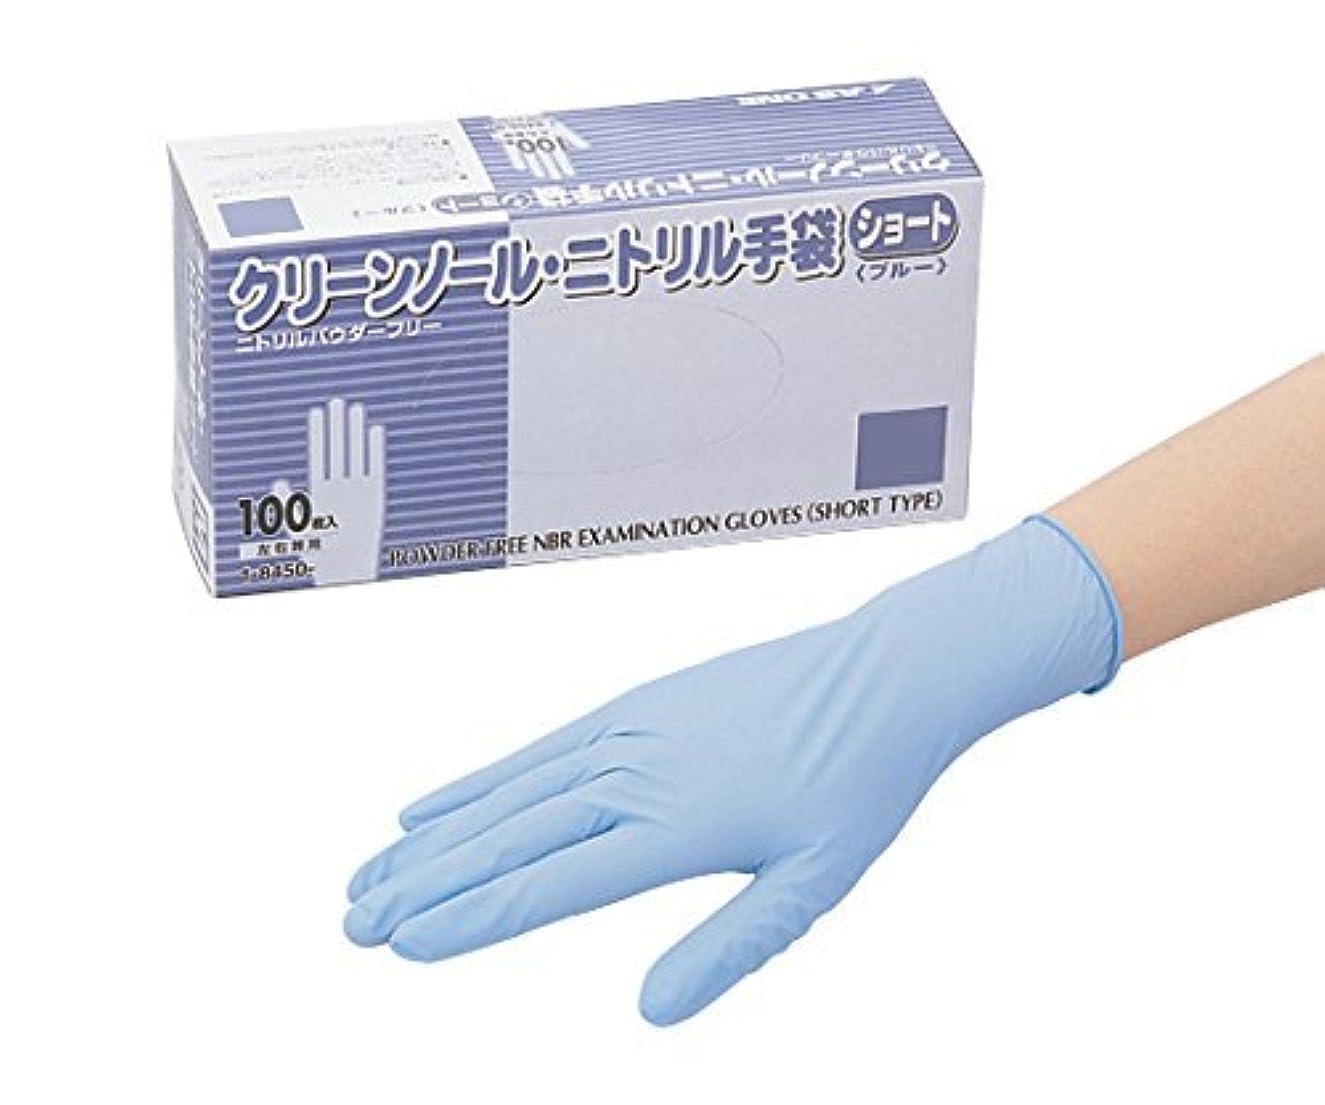 コーラス徐々にバスタブアズワン1-8450-24クリーンノールニトリル手袋ショート(パウダーフリ-)ブルーSS100枚入